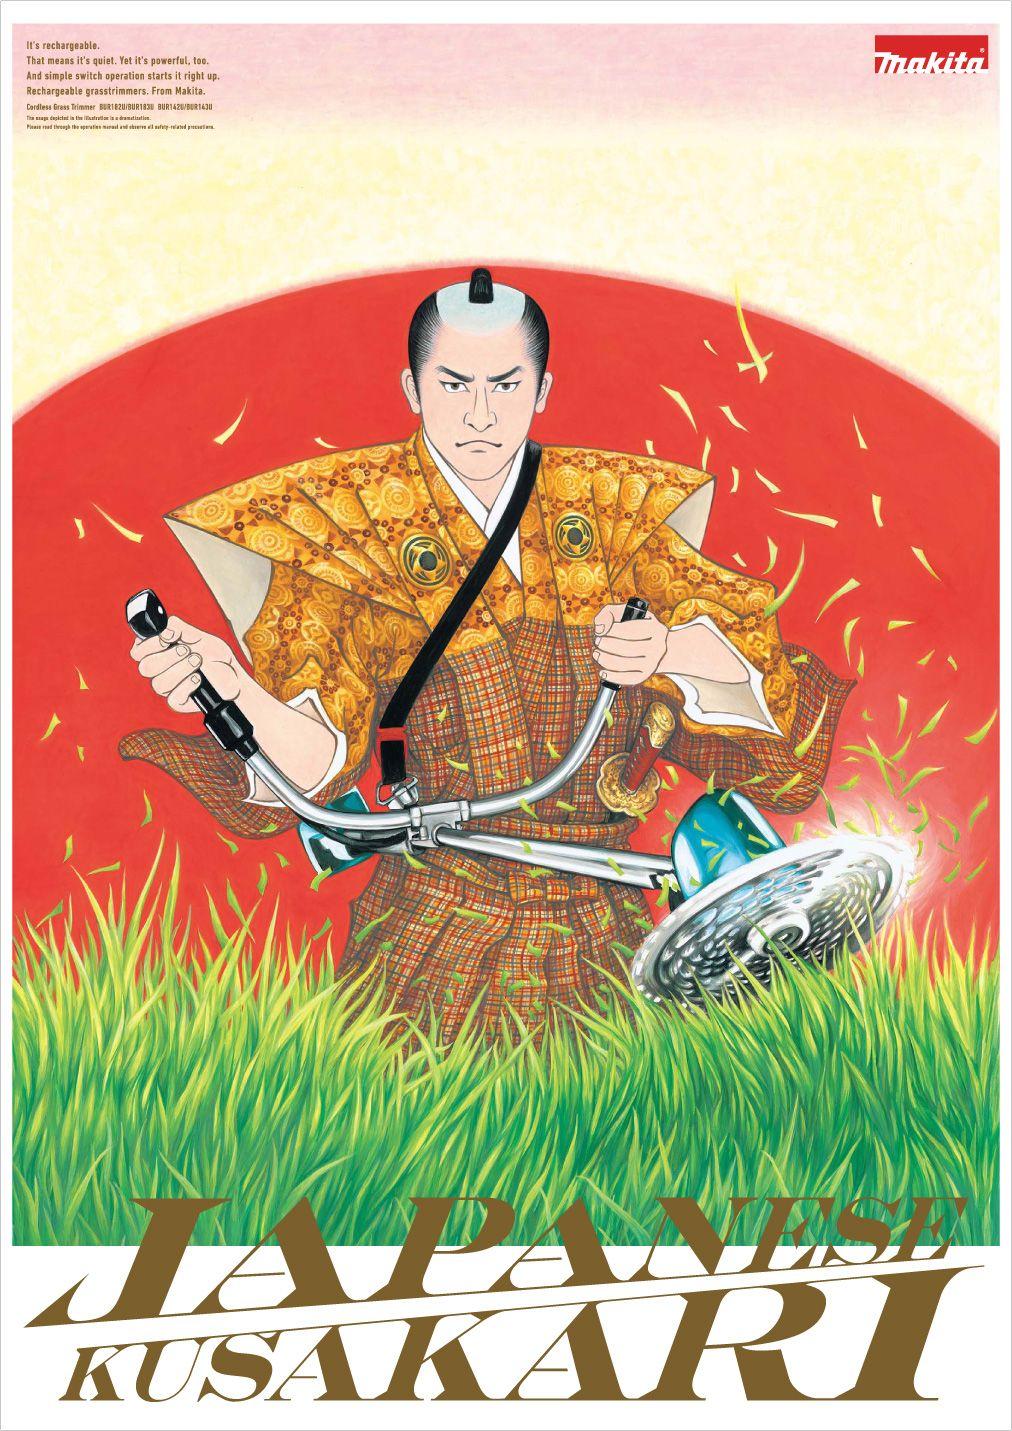 japanese kusakari shigeki yuriko yamane poster paper n book